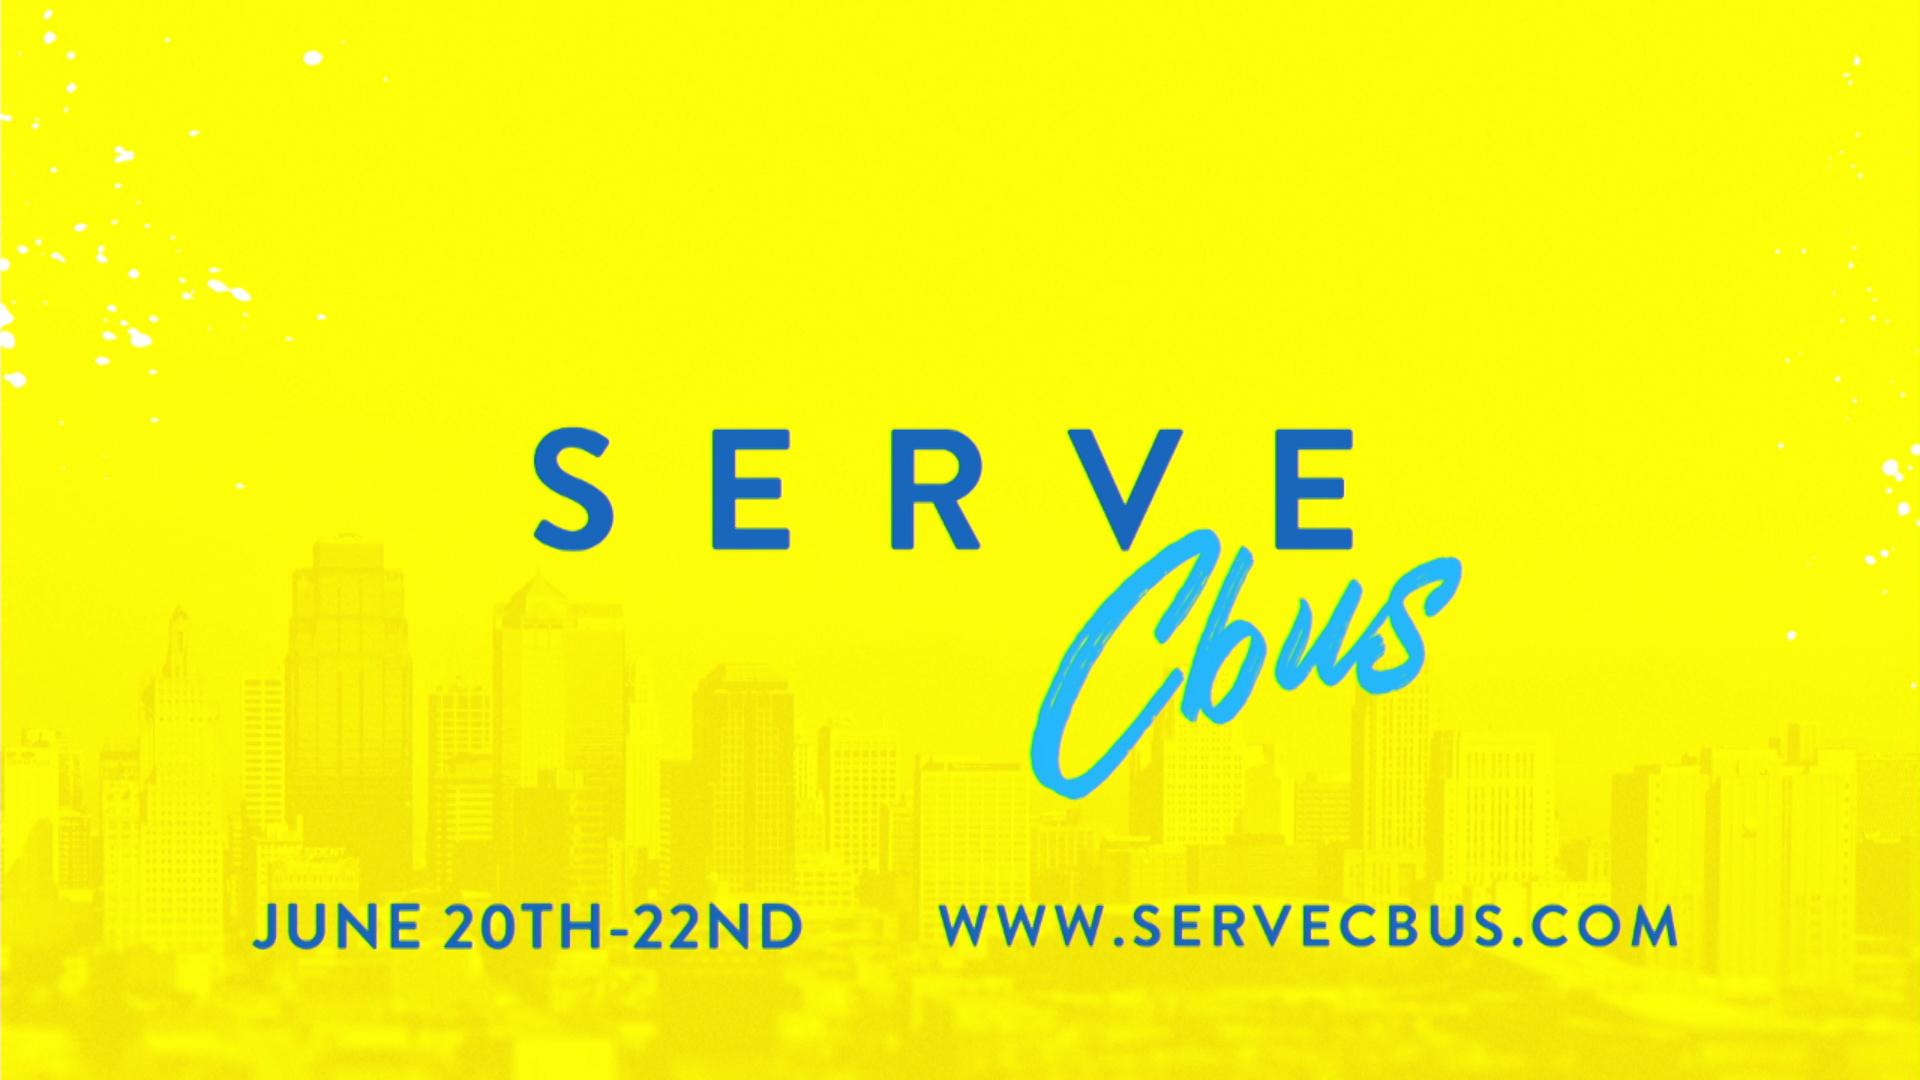 Serve Cbus 2019